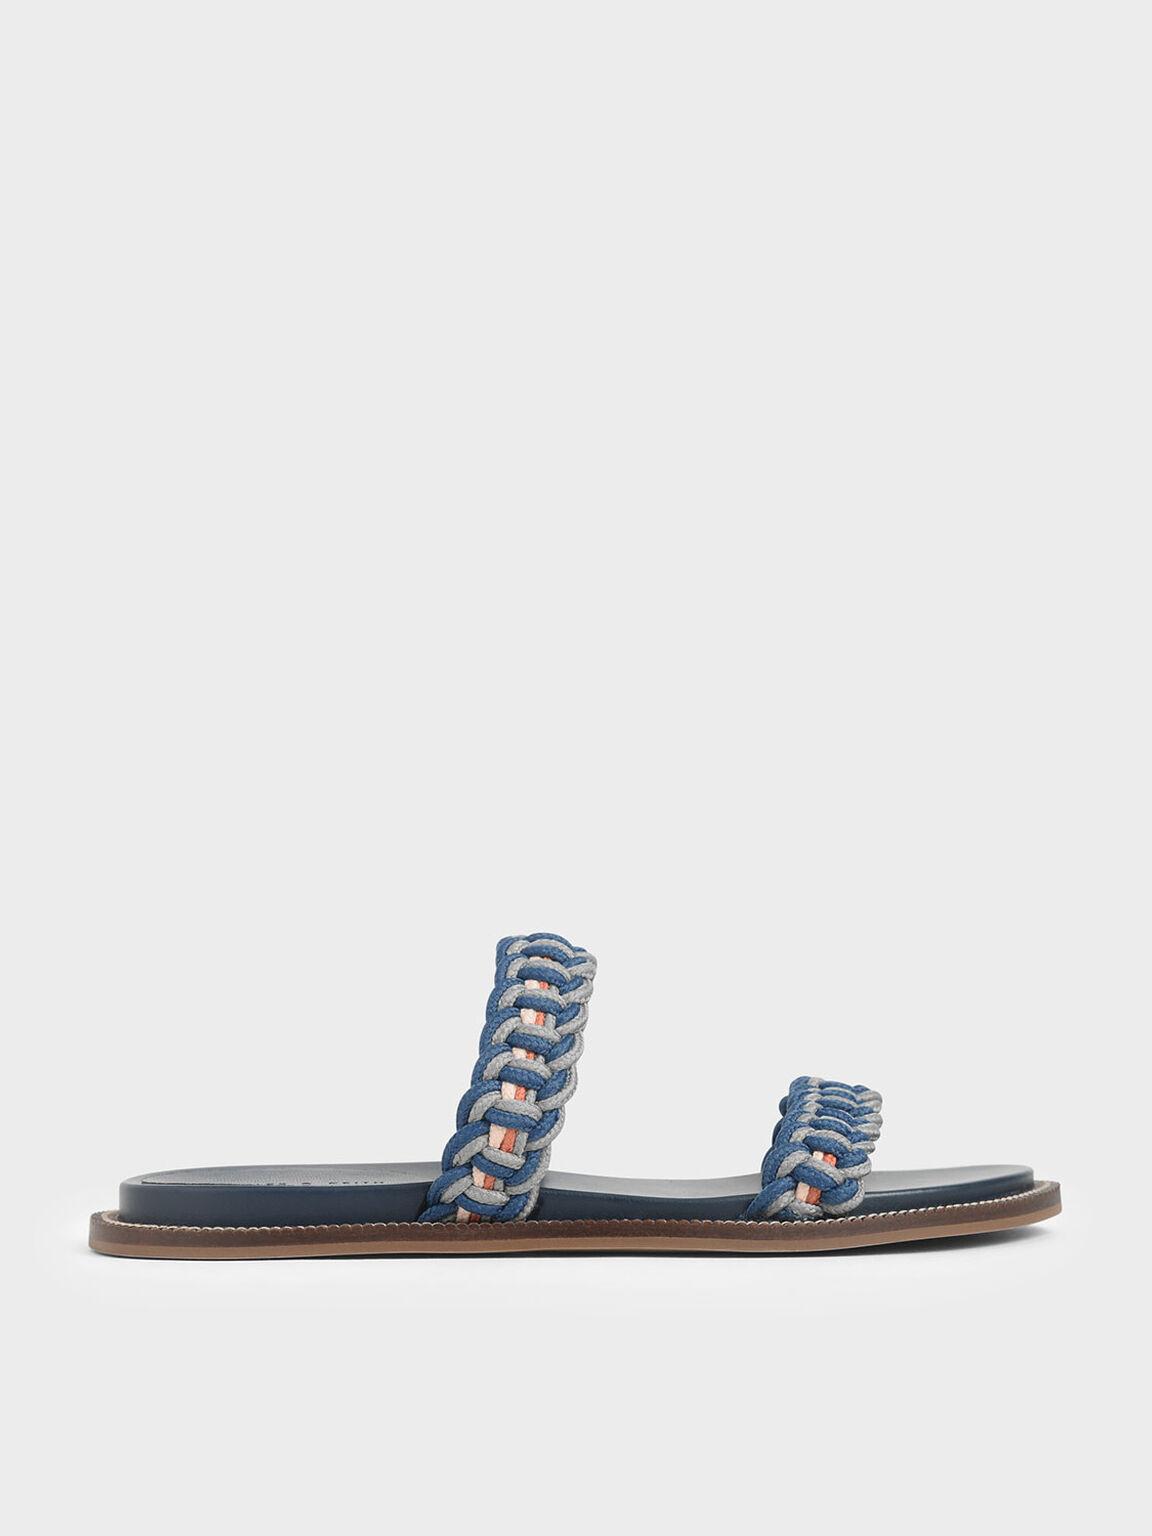 Rope Slide Sandals, Teal, hi-res